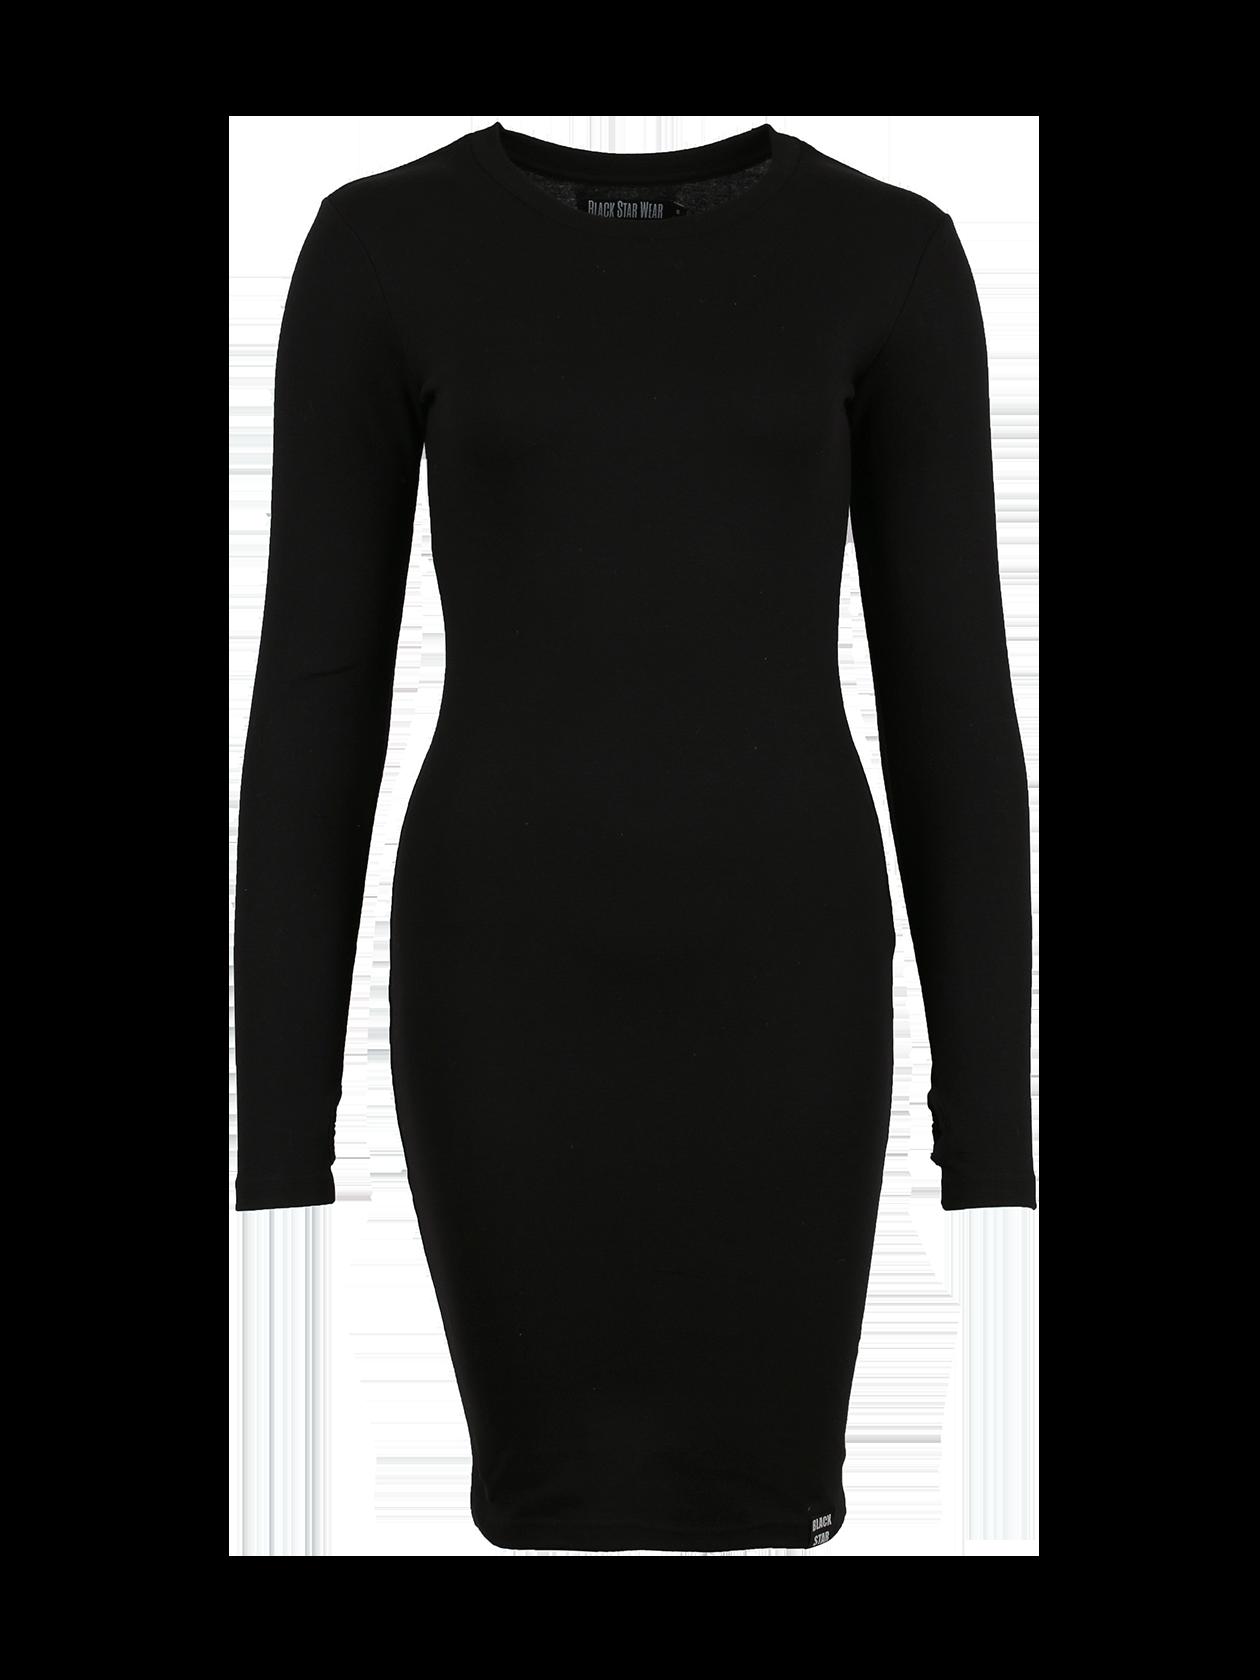 Платье женское SKINNY RIBЧерное платье женское Skinny Rib из новой линии одежды Basic по специальной цене – стильный вариант для создания повседневного образа. Модель облегающего силуэта длиной до колена. Округлая неглубокая горловина с жаккардовым лейблом Black Star Wear на внутренней стороне, длинный рукав с выемкой для большого пальца. Материал изготовления – бленд высококачественного хлопка. Внизу сбоку нашивка с логотипом. Идеально подходит для работы, отдыха, встреч с друзьями.<br><br>Размер: XS<br>Цвет: Черный<br>Пол: Унисекс